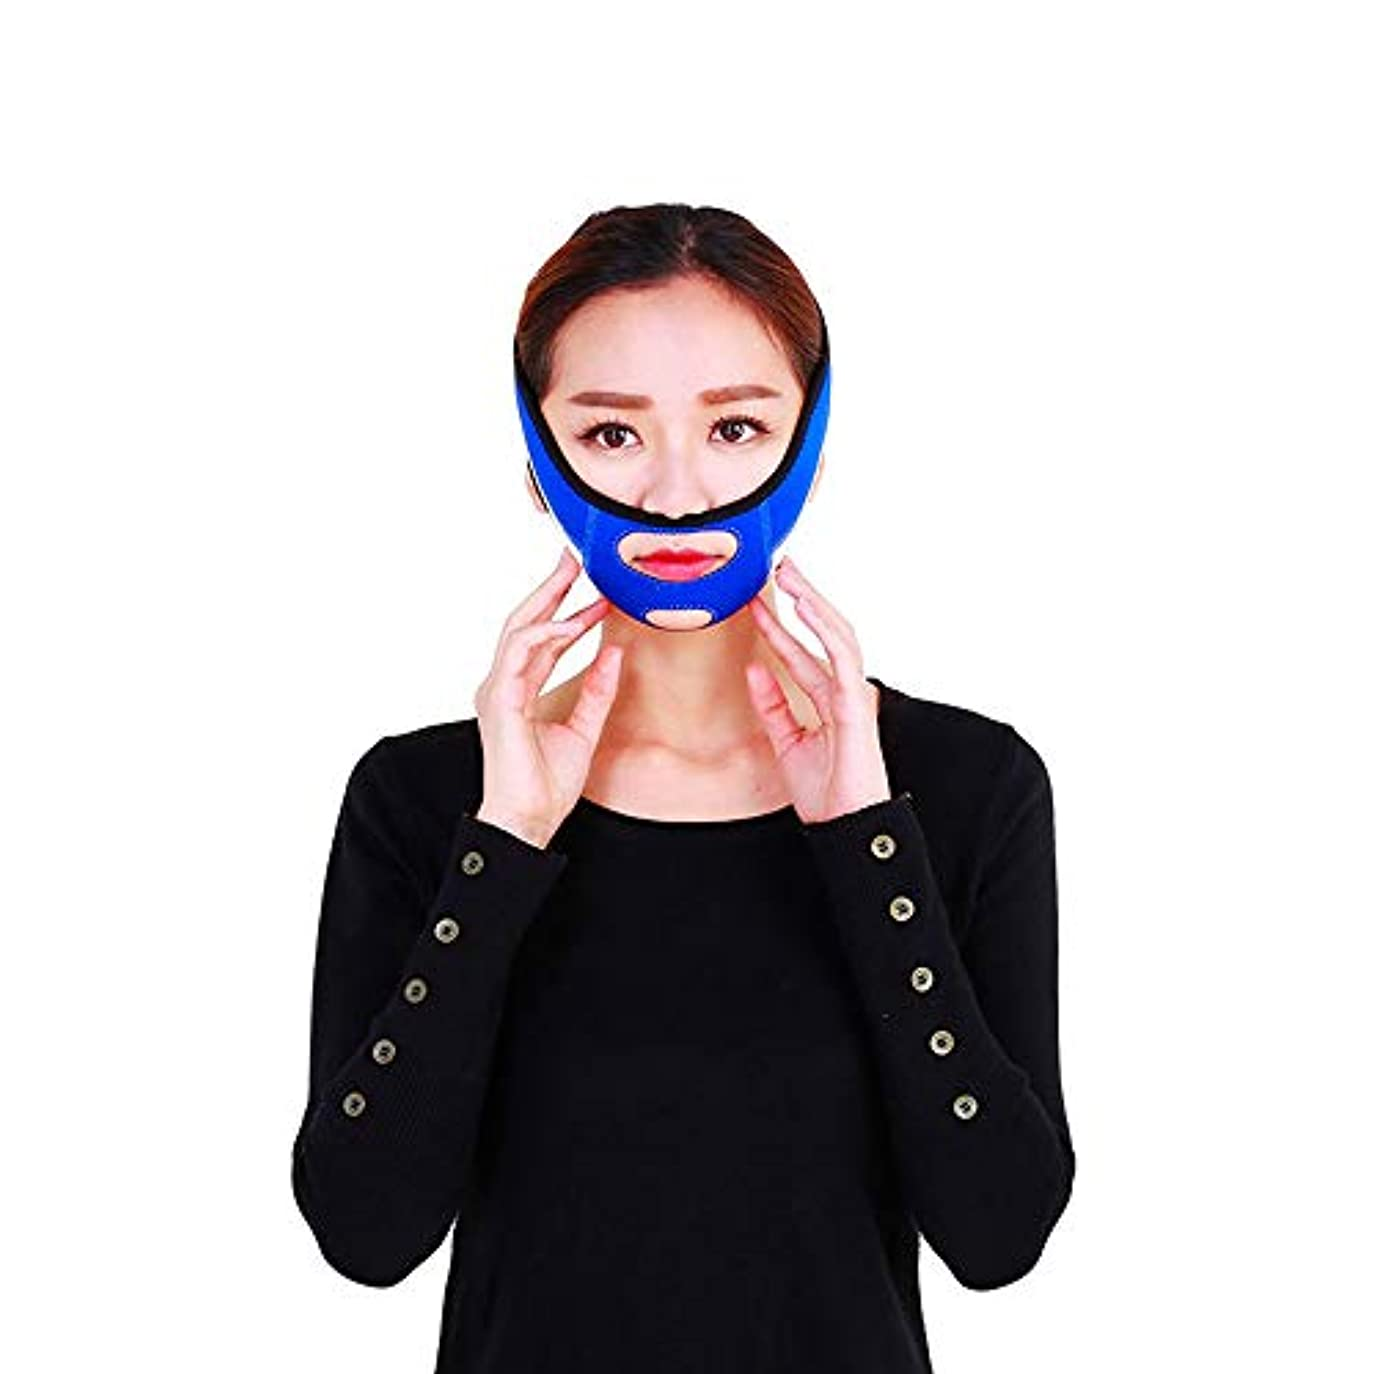 閉じ込める終わったグリーンランドMinmin フェイシャルリフティング痩身ベルトフェーススリム二重あごを取り除くアンチエイジングリンクルフェイス包帯マスク整形マスクが顔を引き締める みんみんVラインフェイスマスク